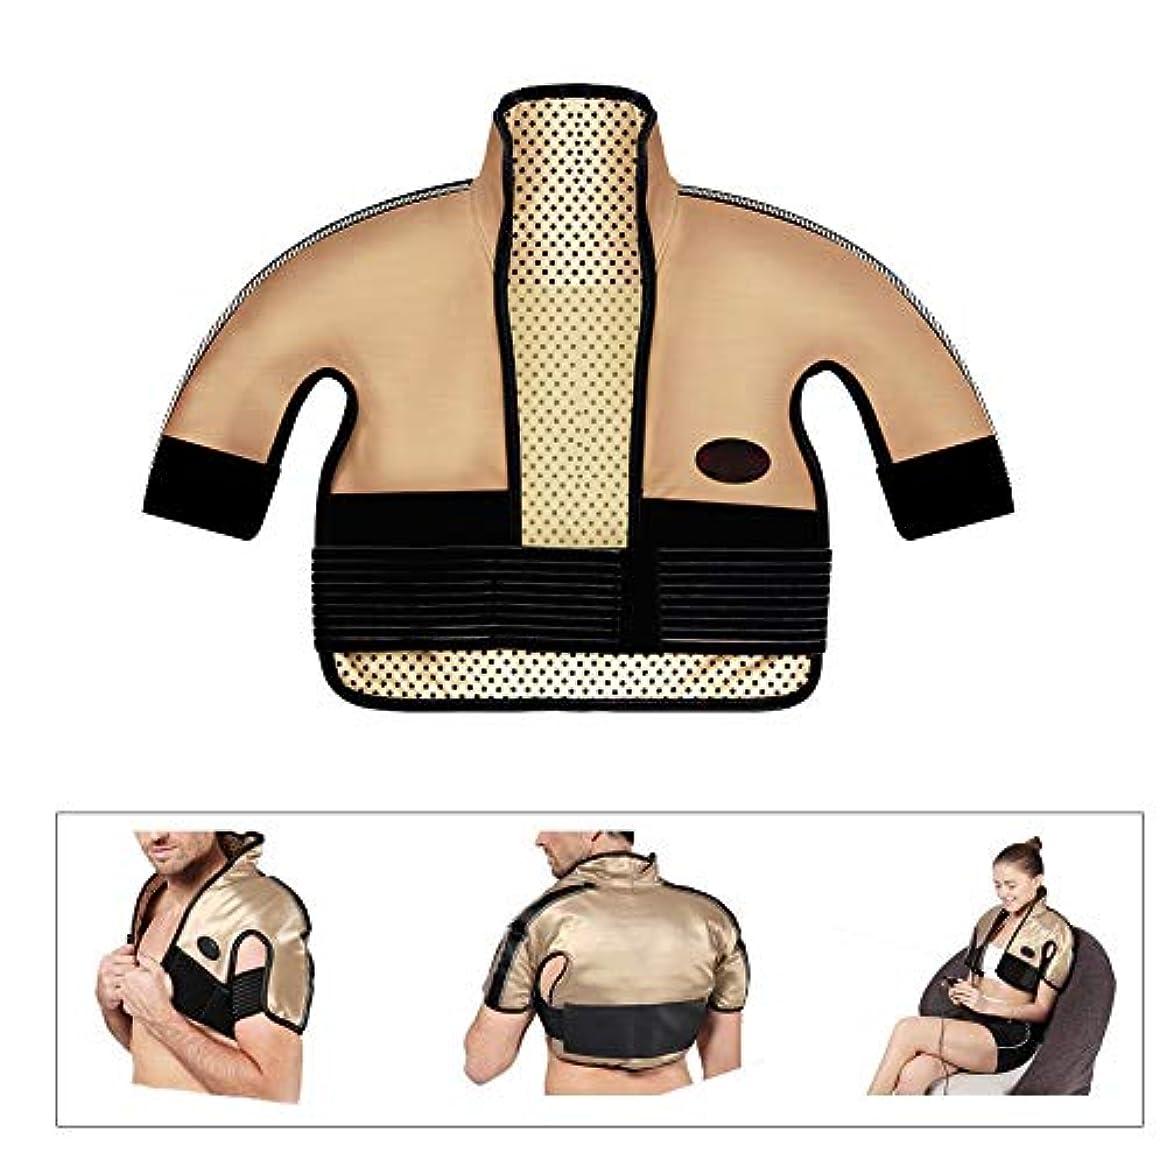 コード回転させる差別する肩と首の電気加熱パッド - 混練加熱、痛み緩和加熱パッドを叩く、医療用品マッサージベスト(肩幅用:40-65CM)